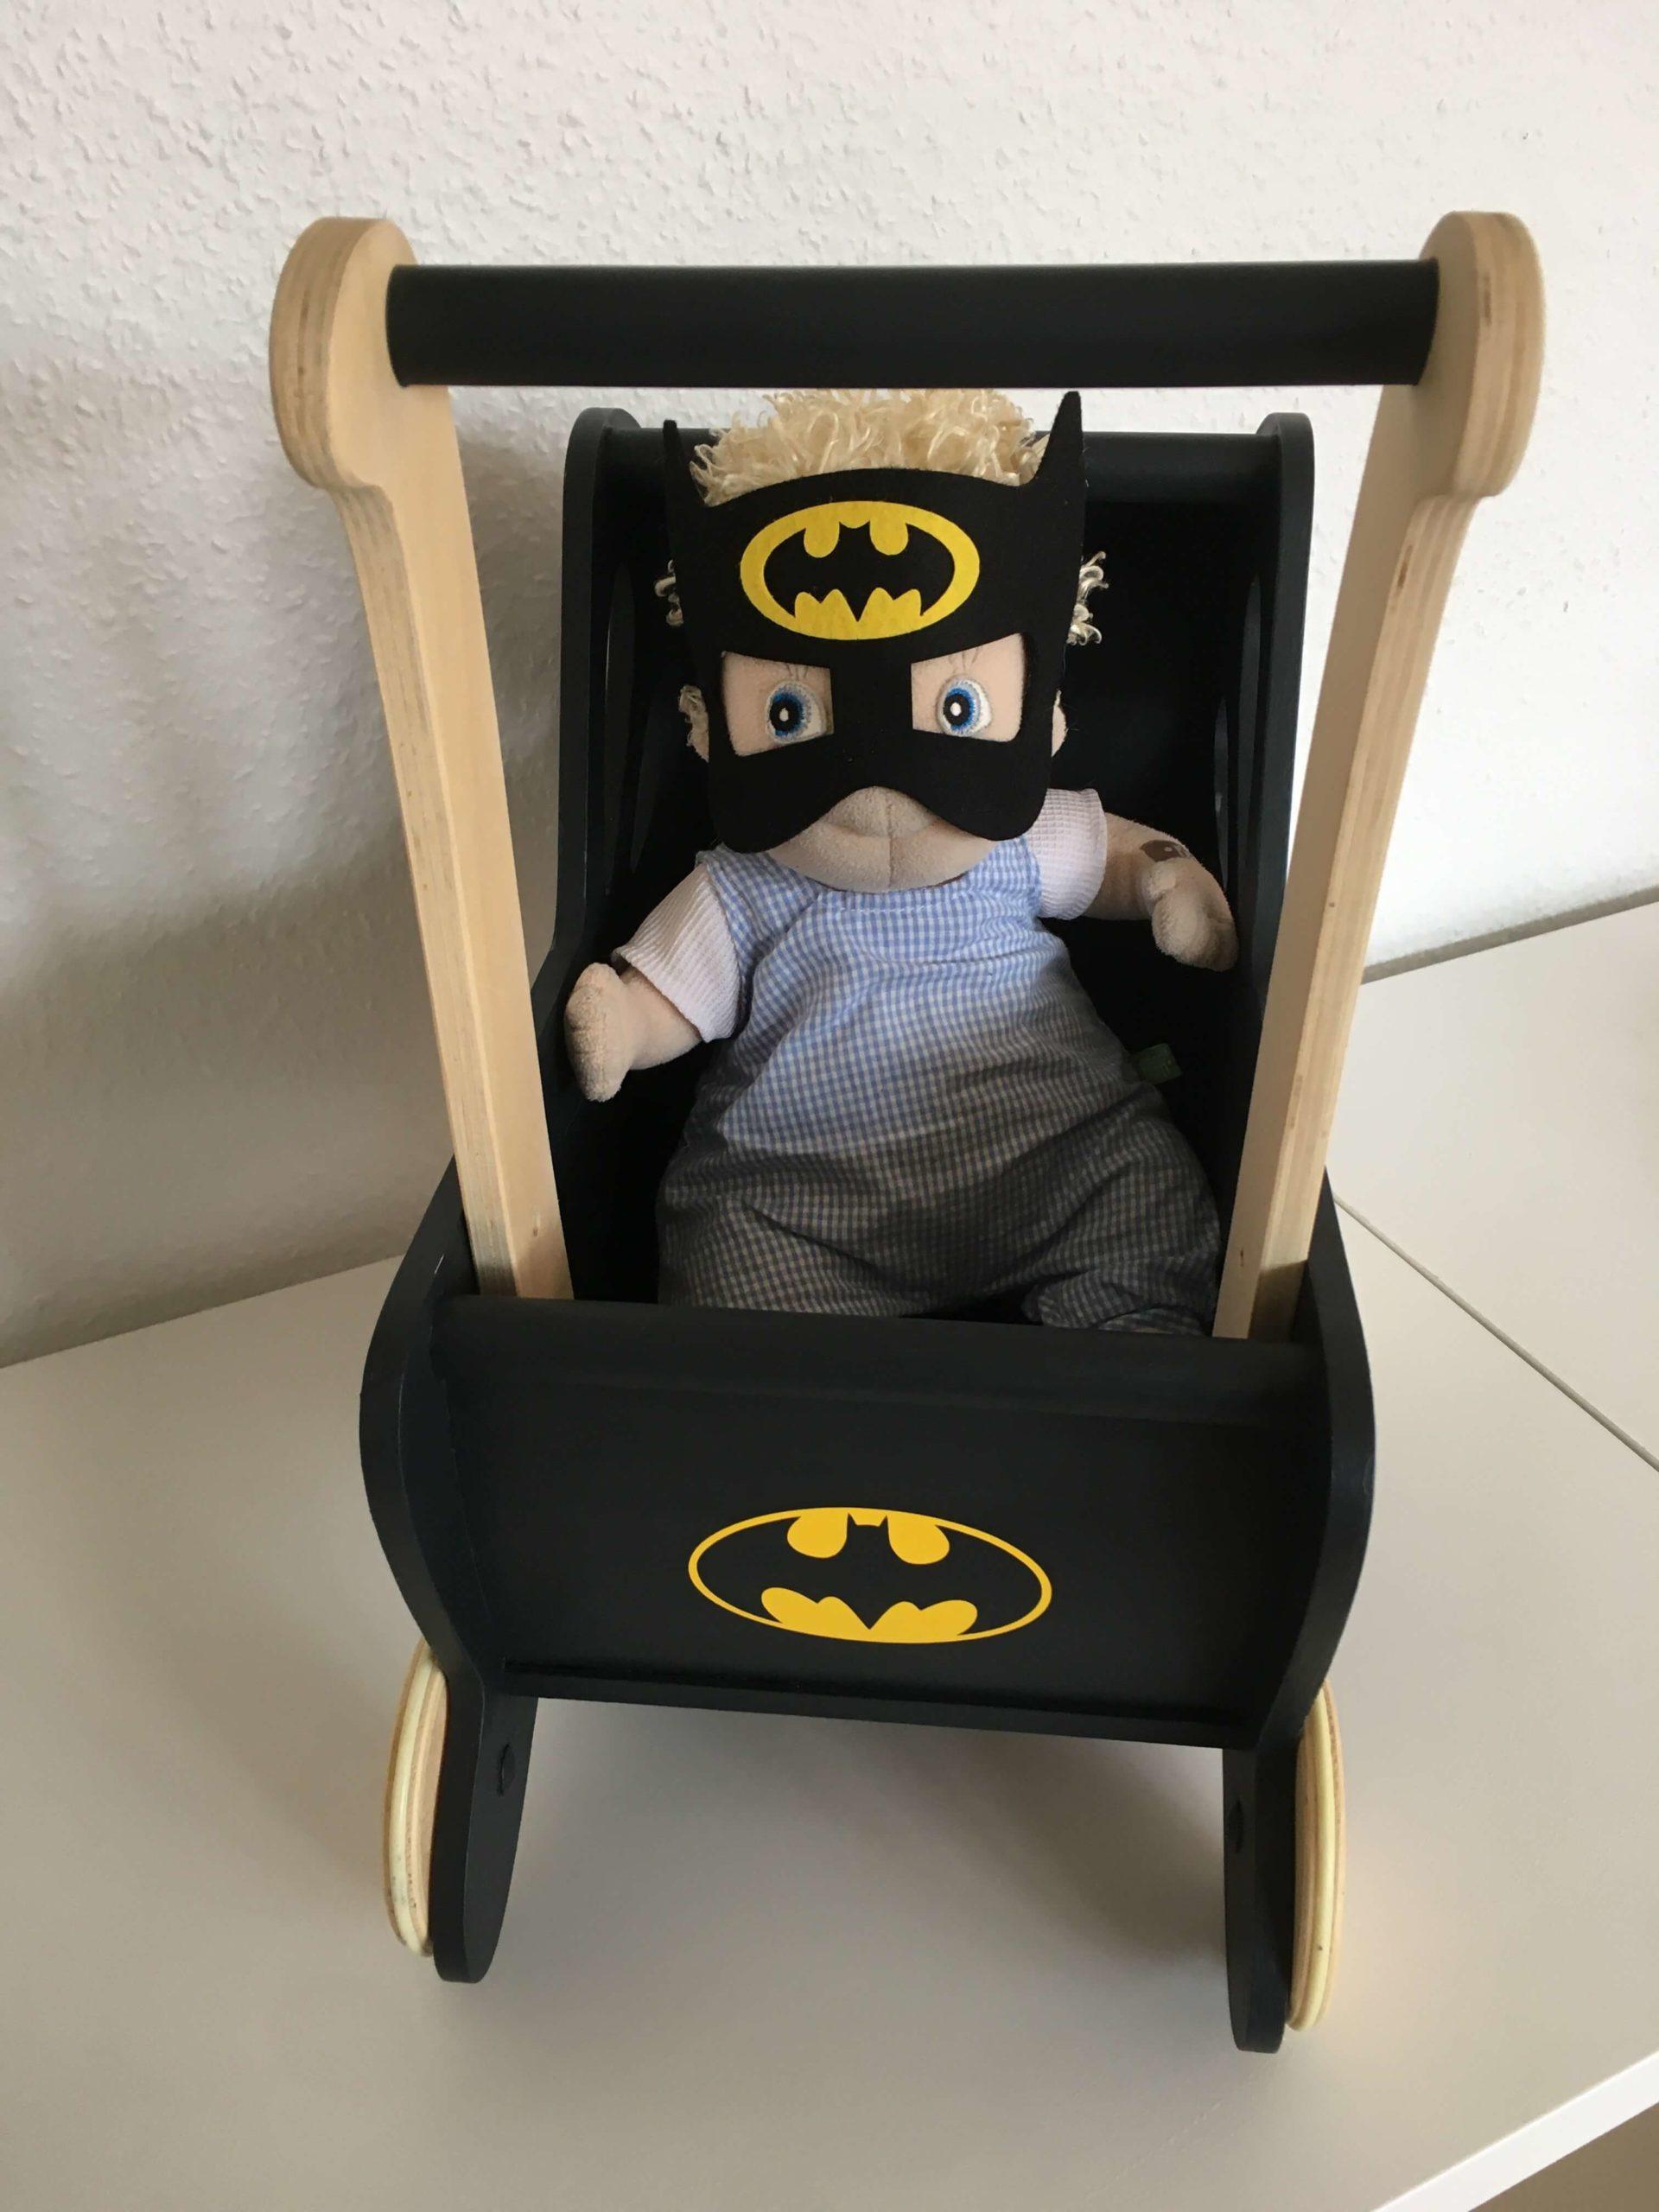 Batman dukkevogn front